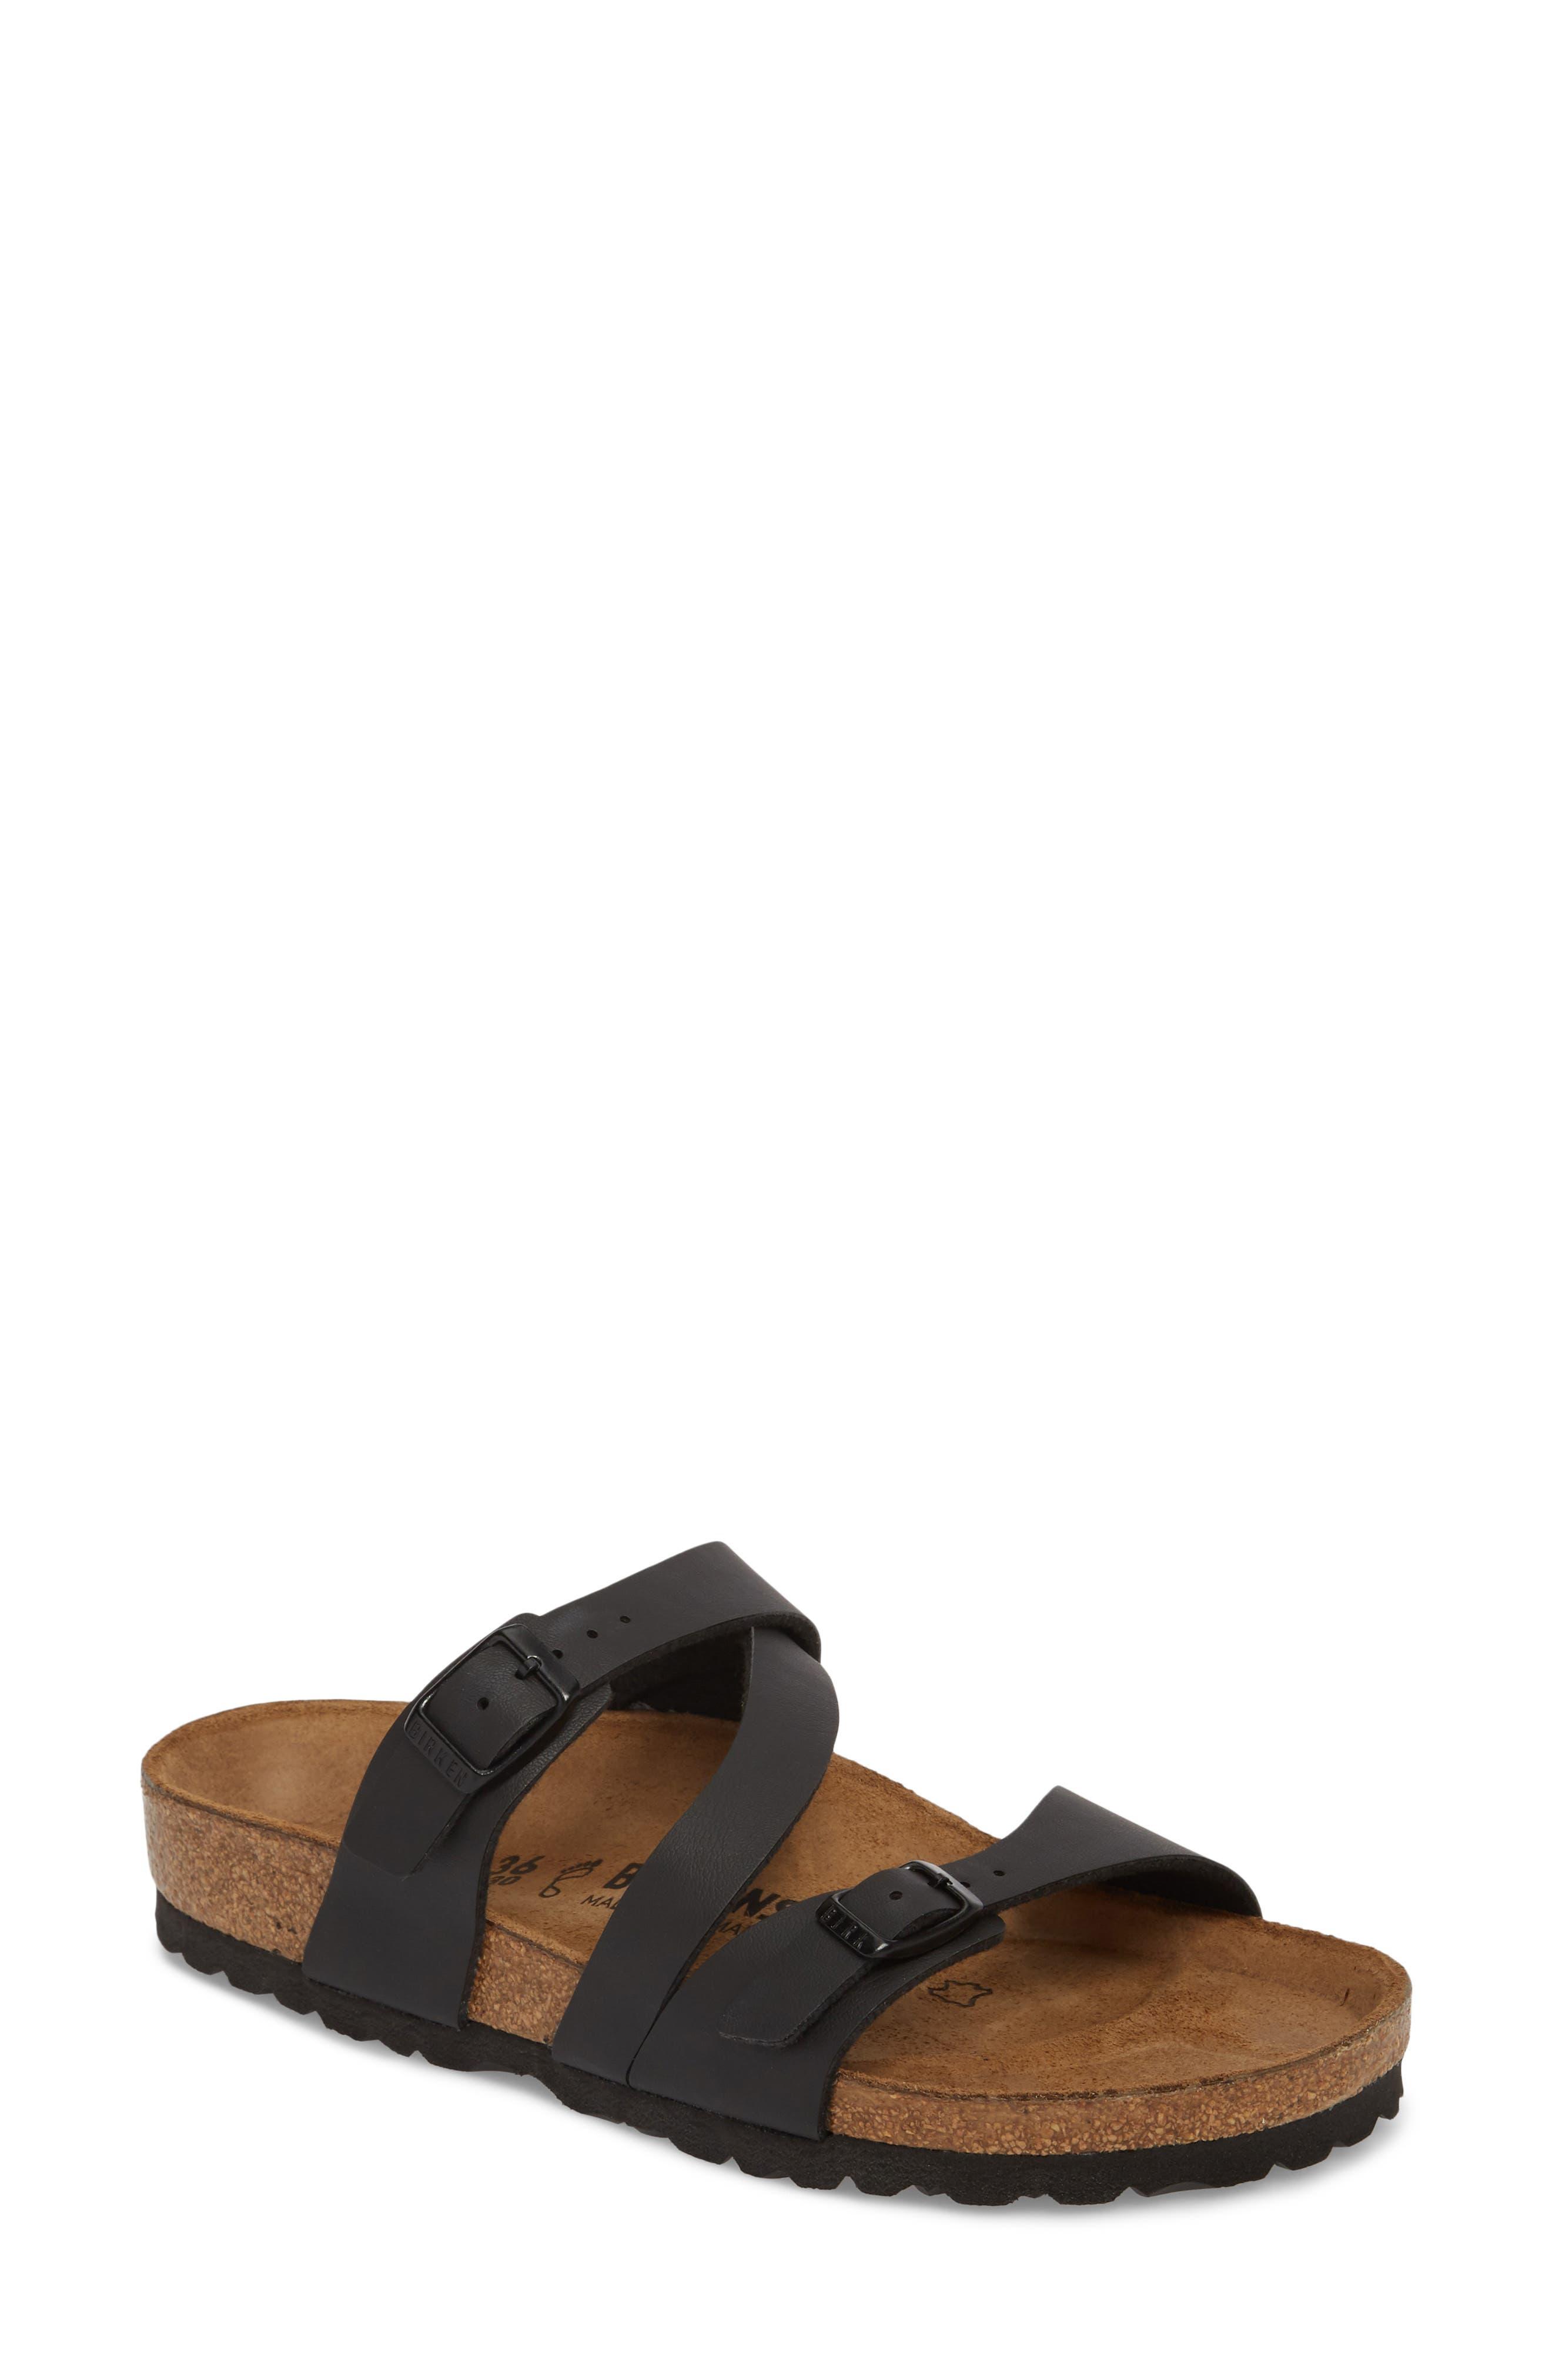 Salina Slide Sandal,                         Main,                         color, Black